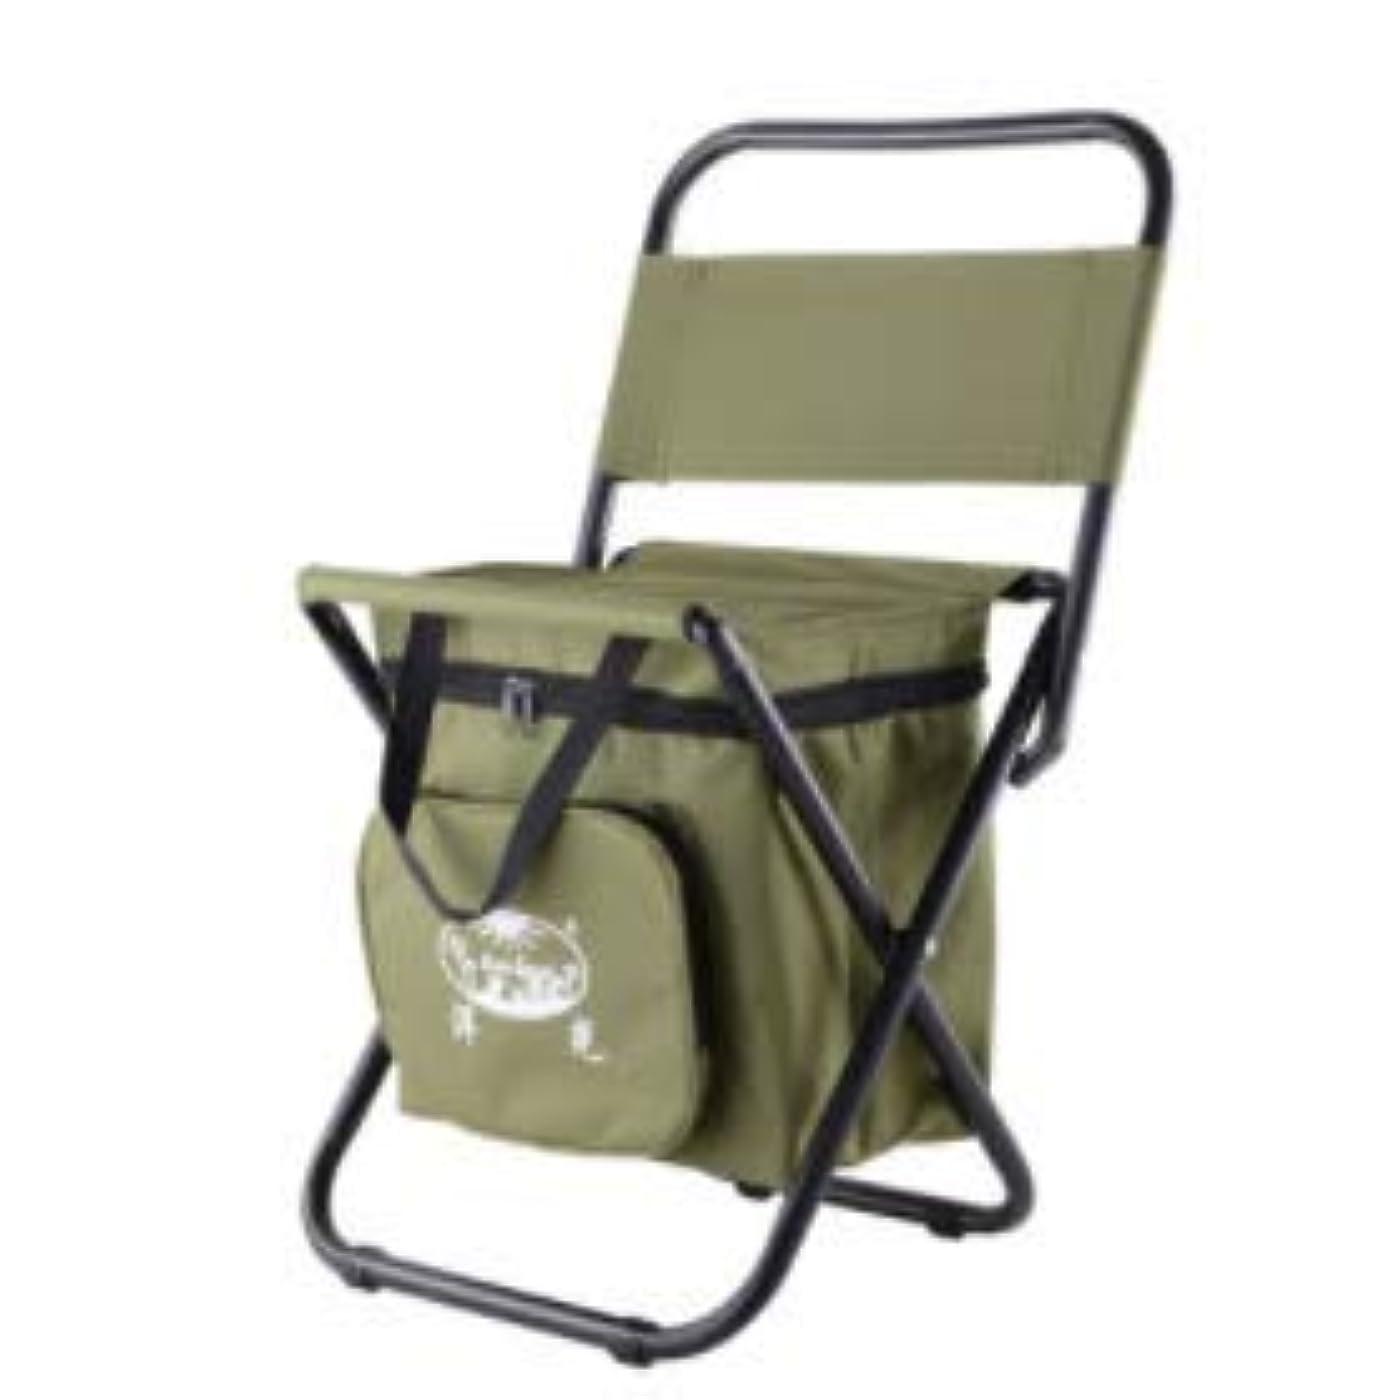 優れましたドキドキカートンHHH Oudoor 屋外折りたたみ椅子ポータブルチェア釣り自動運転ツアーシンプルなMazar多機能断熱アイスバッグスツール釣り椅子キャンプチェアレジャーチェアビーチチェアアルミ合金釣り椅子